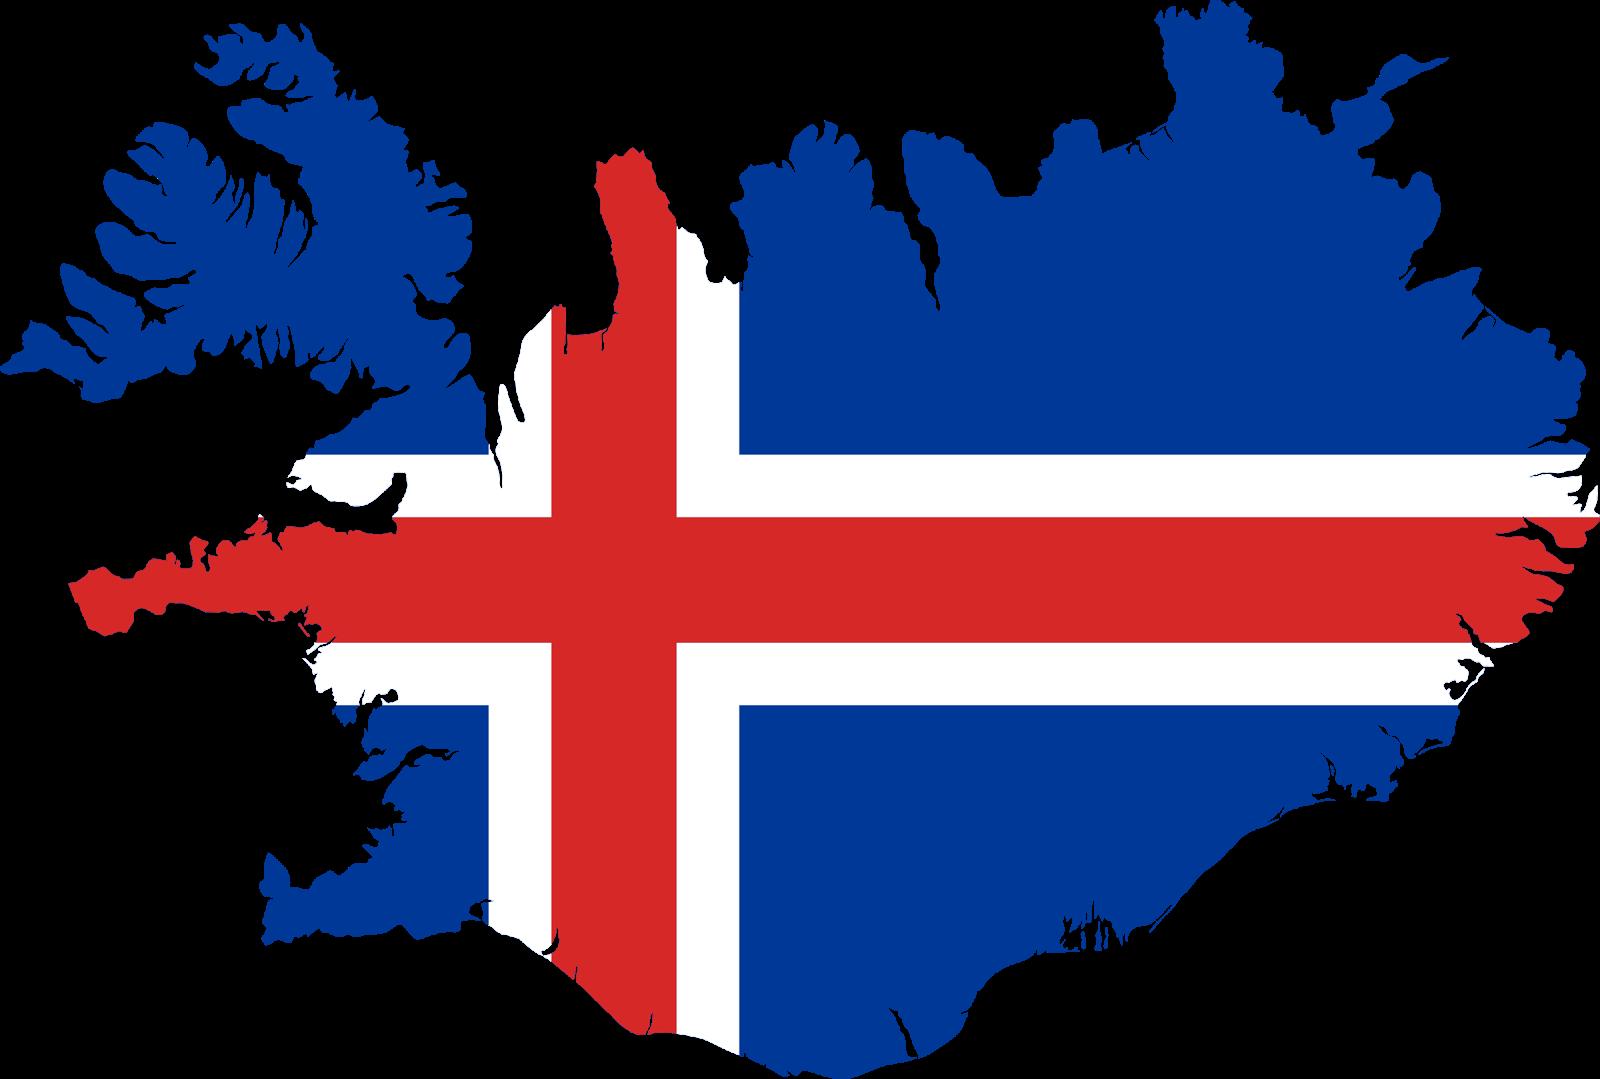 Get to know Iceland / Fá að vita Íslandi